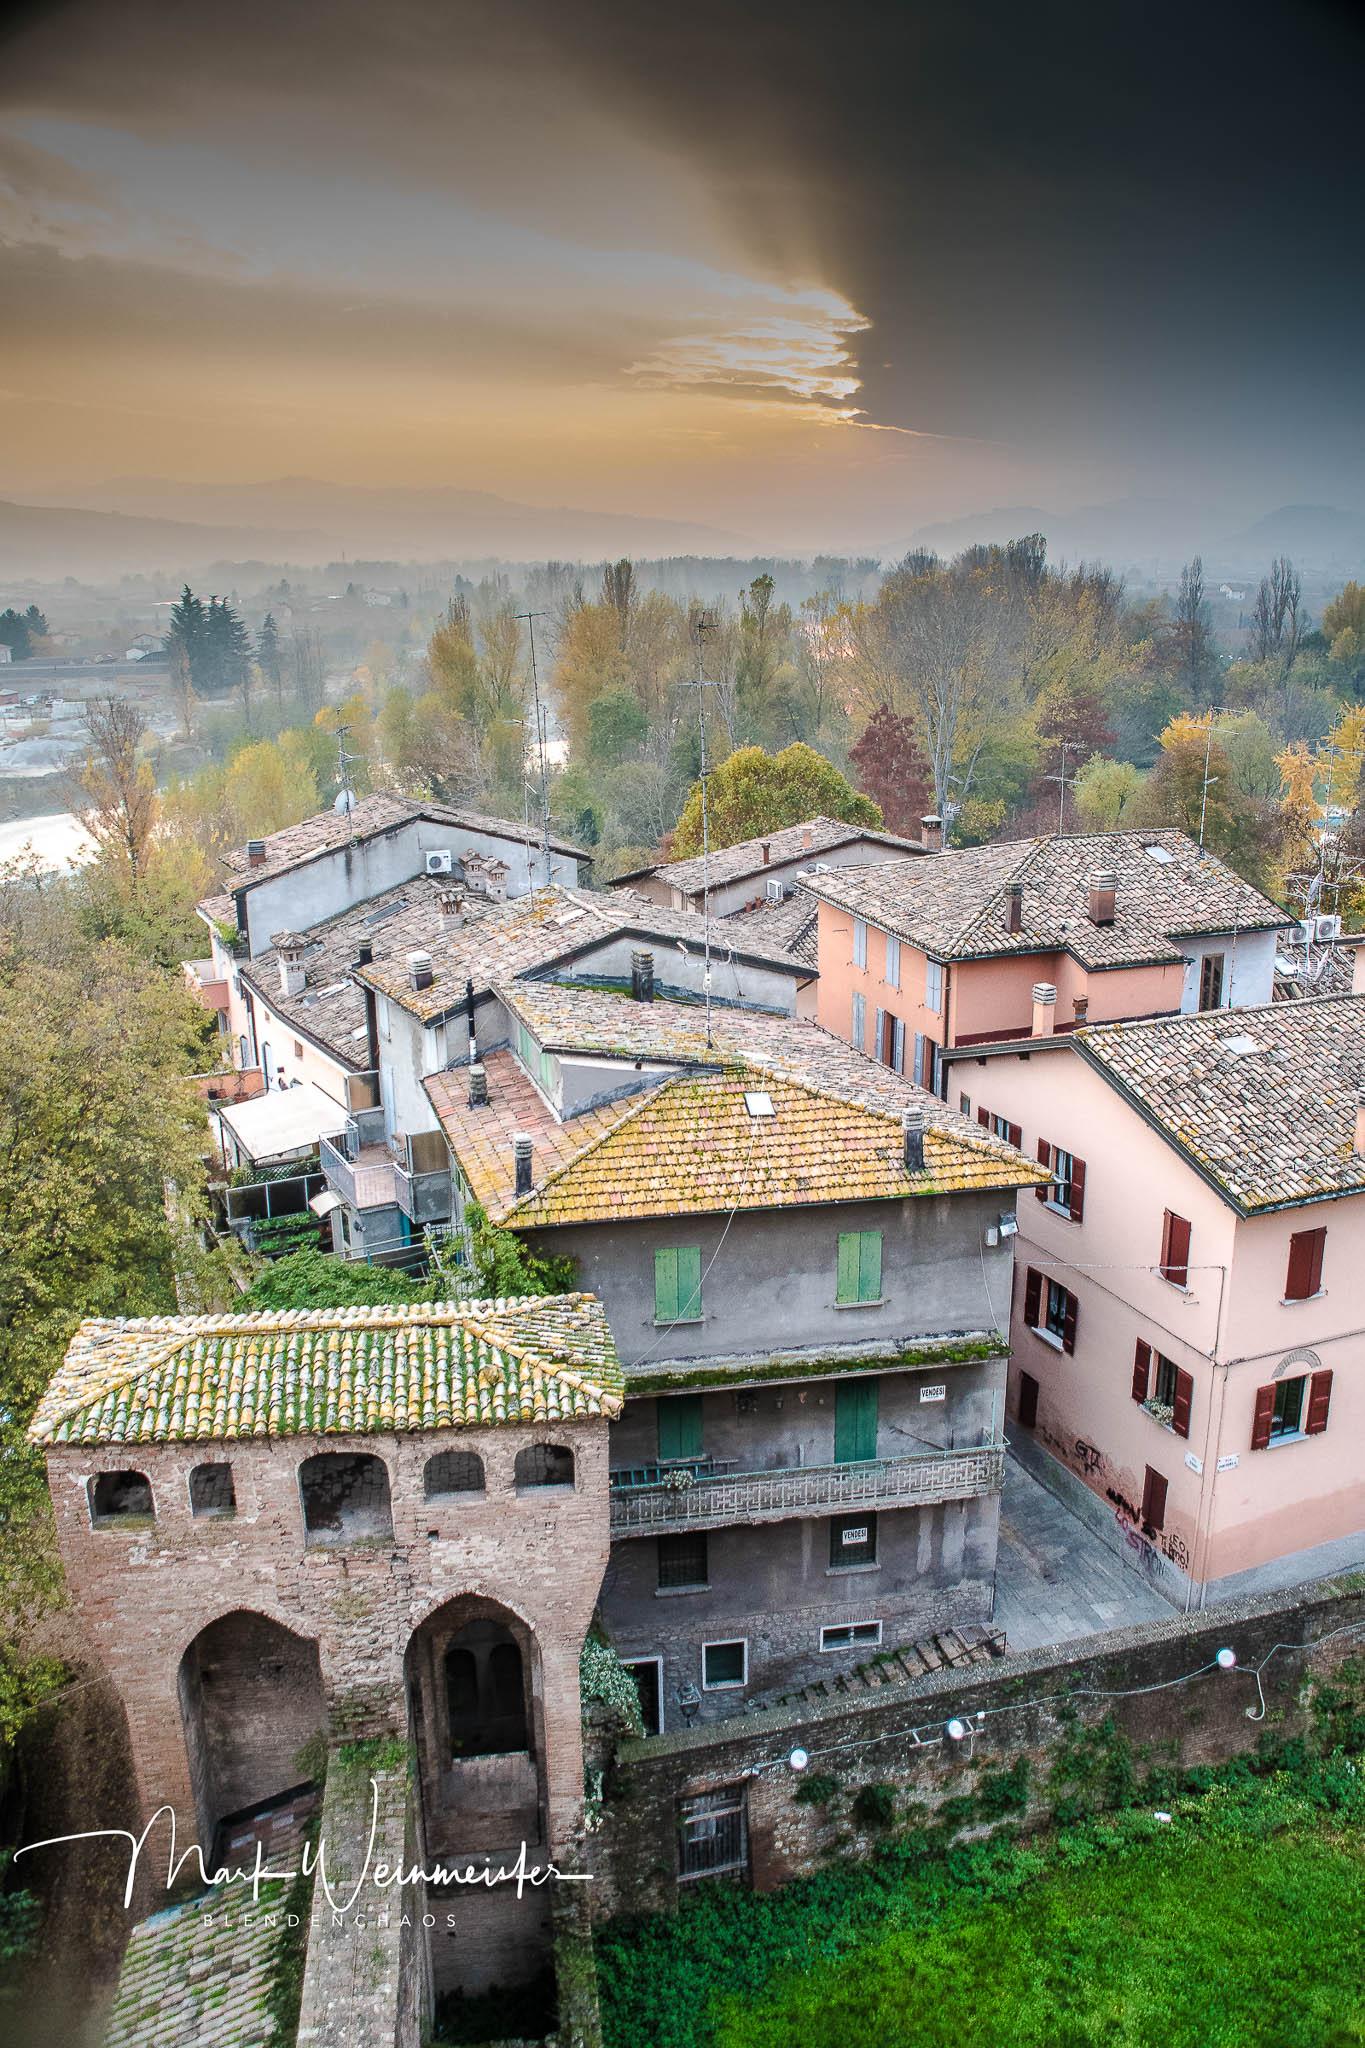 autunno italiano